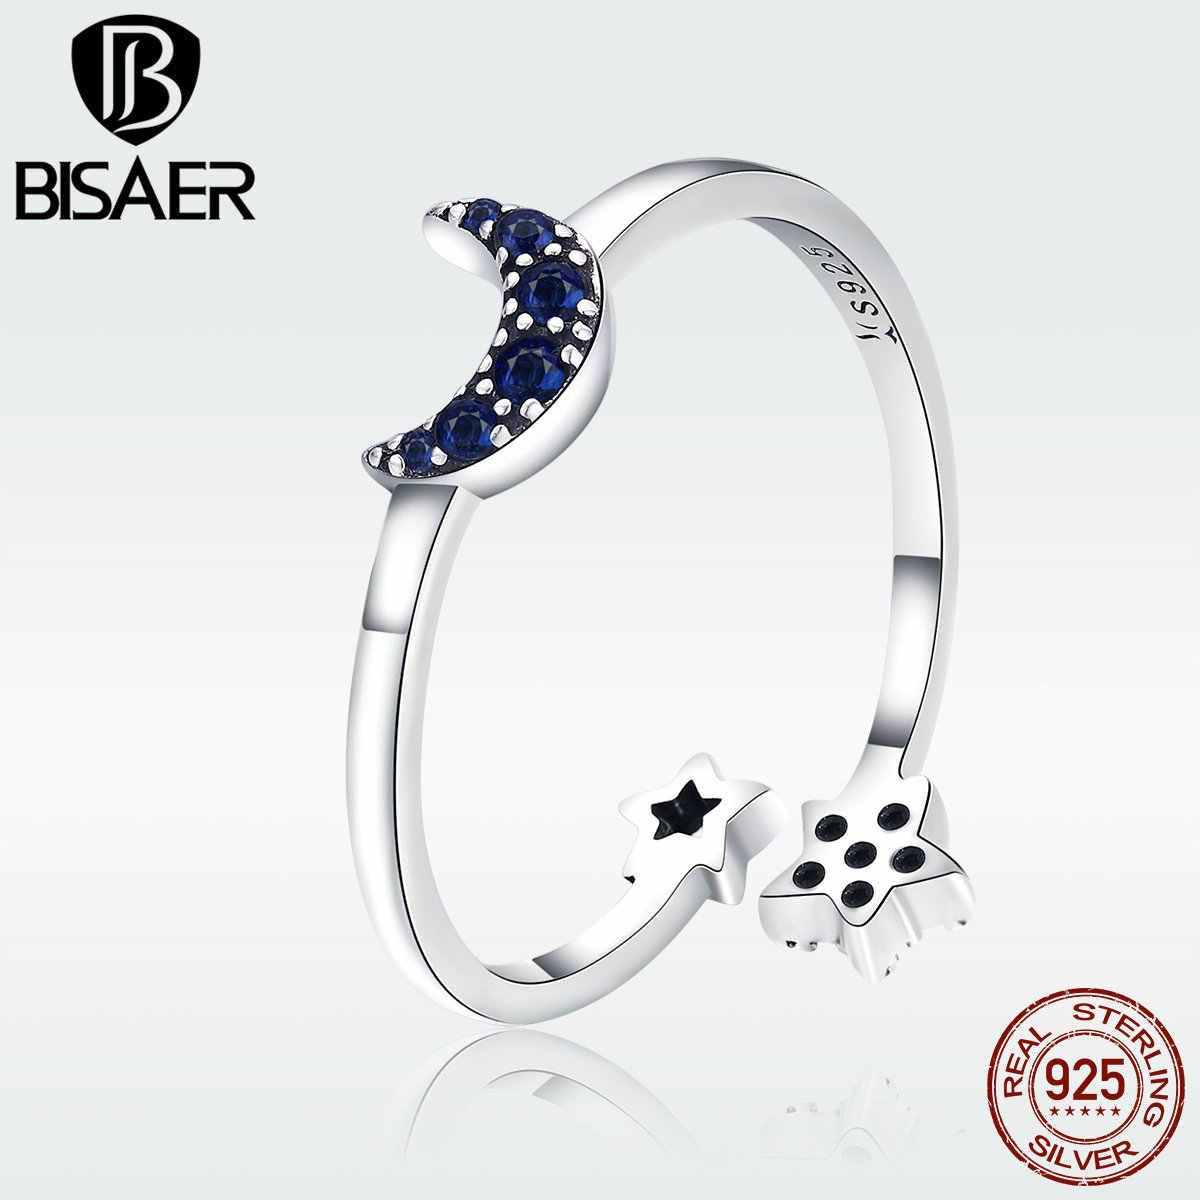 Bisaer 925 Bạc Cho Nữ, Nhẫn Nữ Ngôi Sao Và Mặt Trăng Đôi Phong Cách Kích Thước Mở Giá Rẻ Nhẫn Femme Trang Sức Thời Trang GXR437